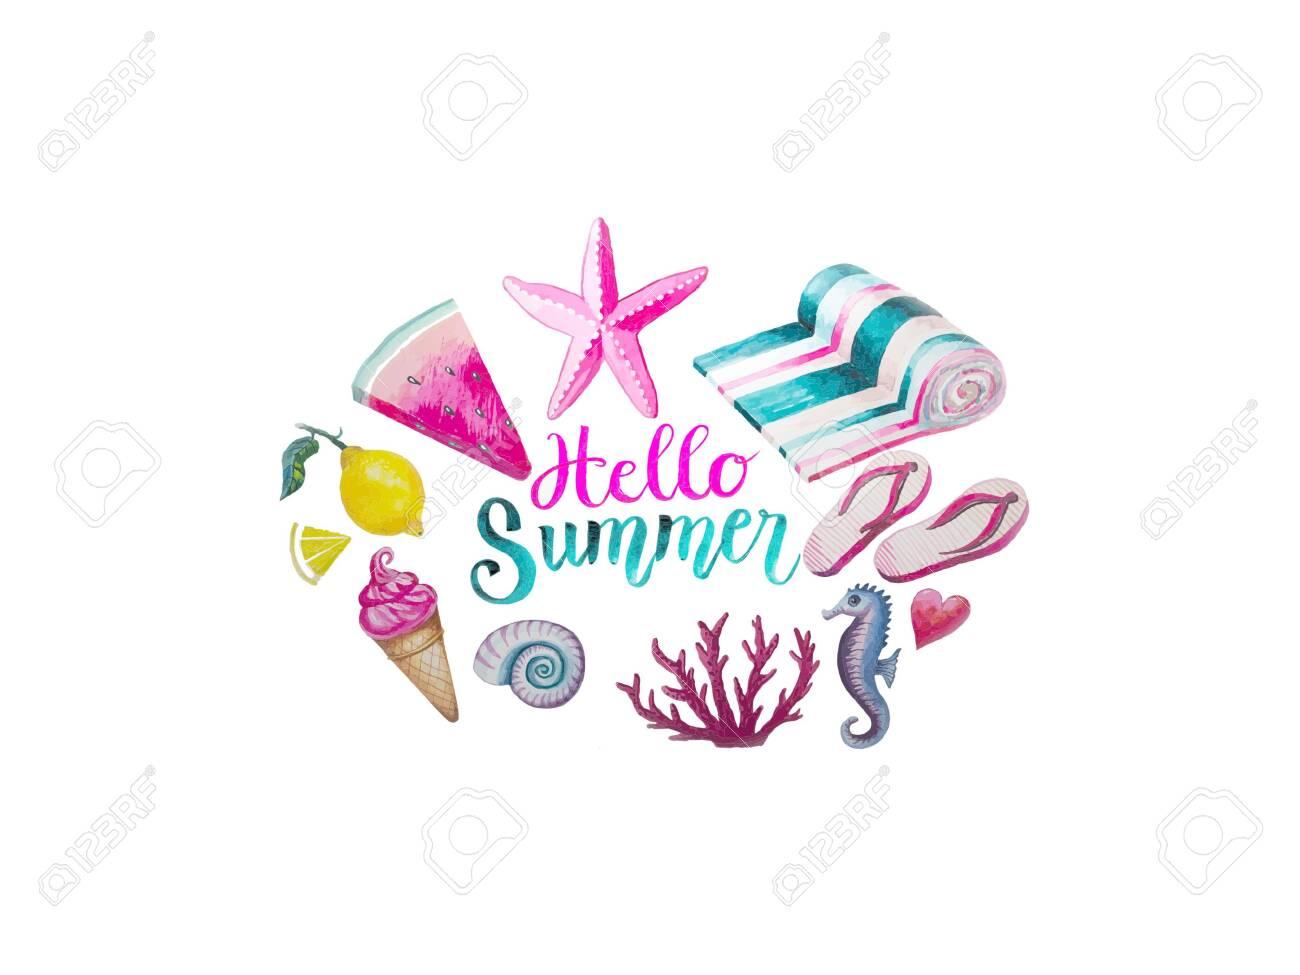 Hello Summer lettering on white - 154623230